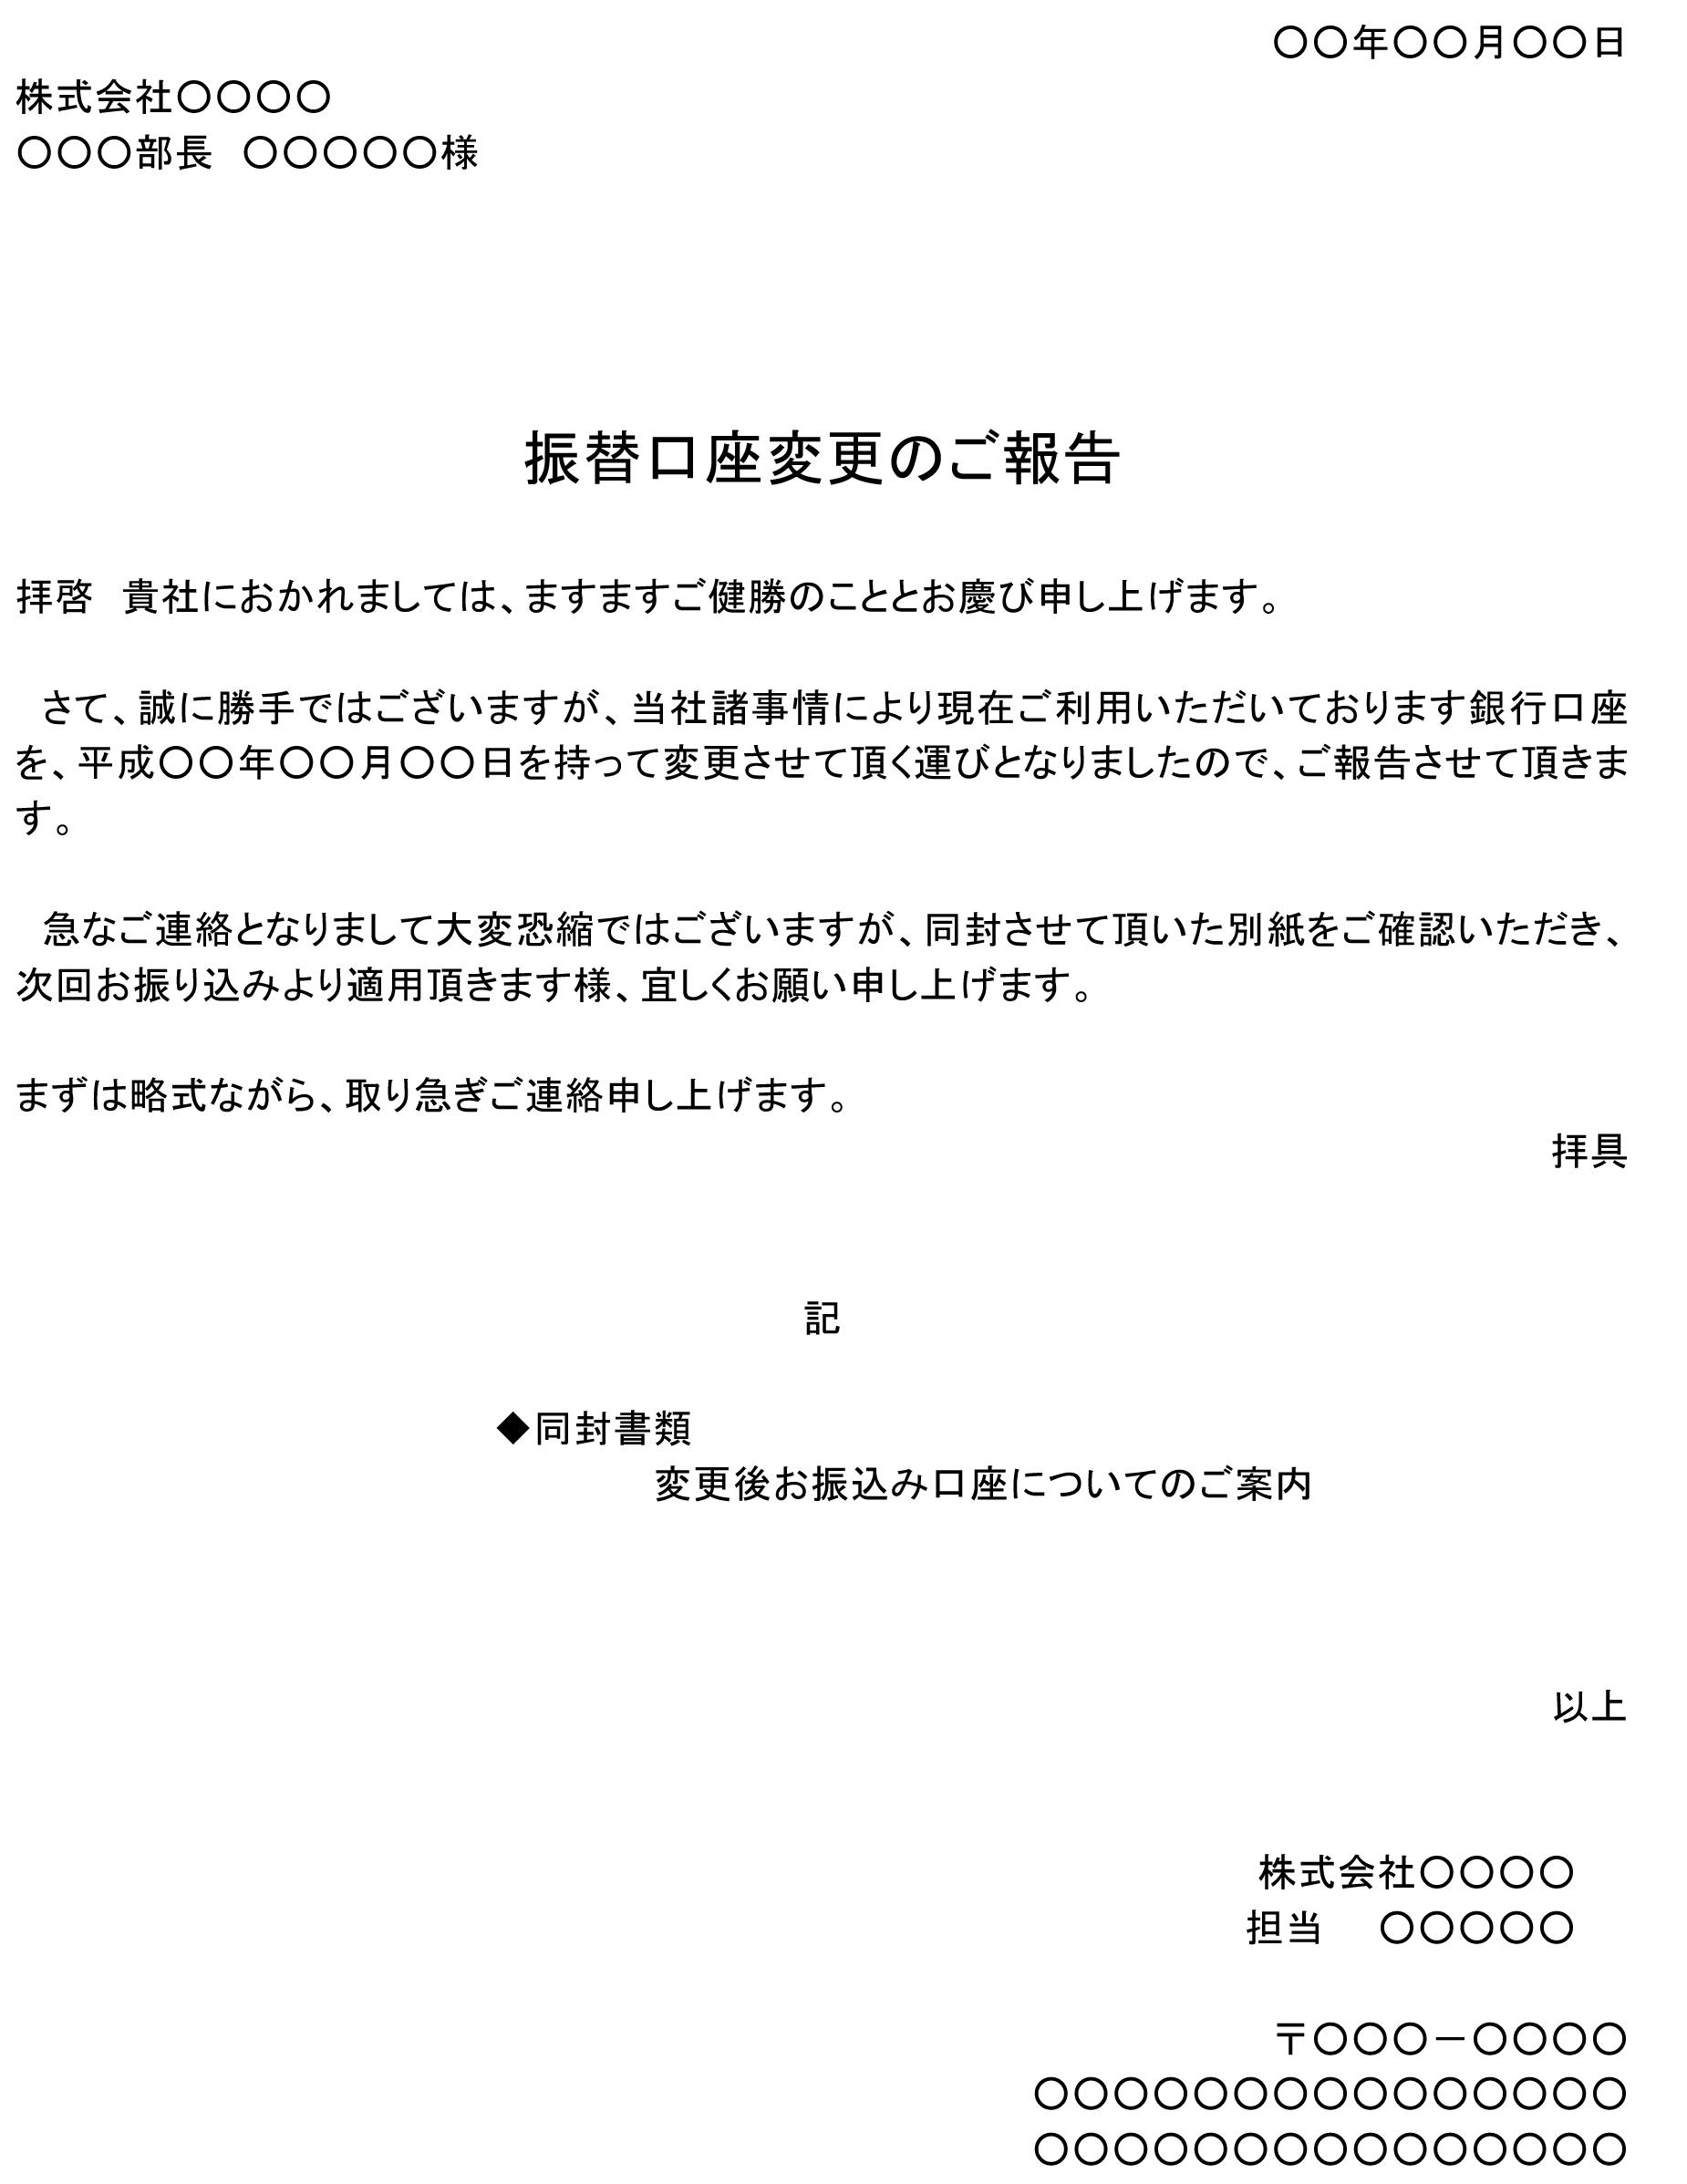 通知(振替口座変更)02